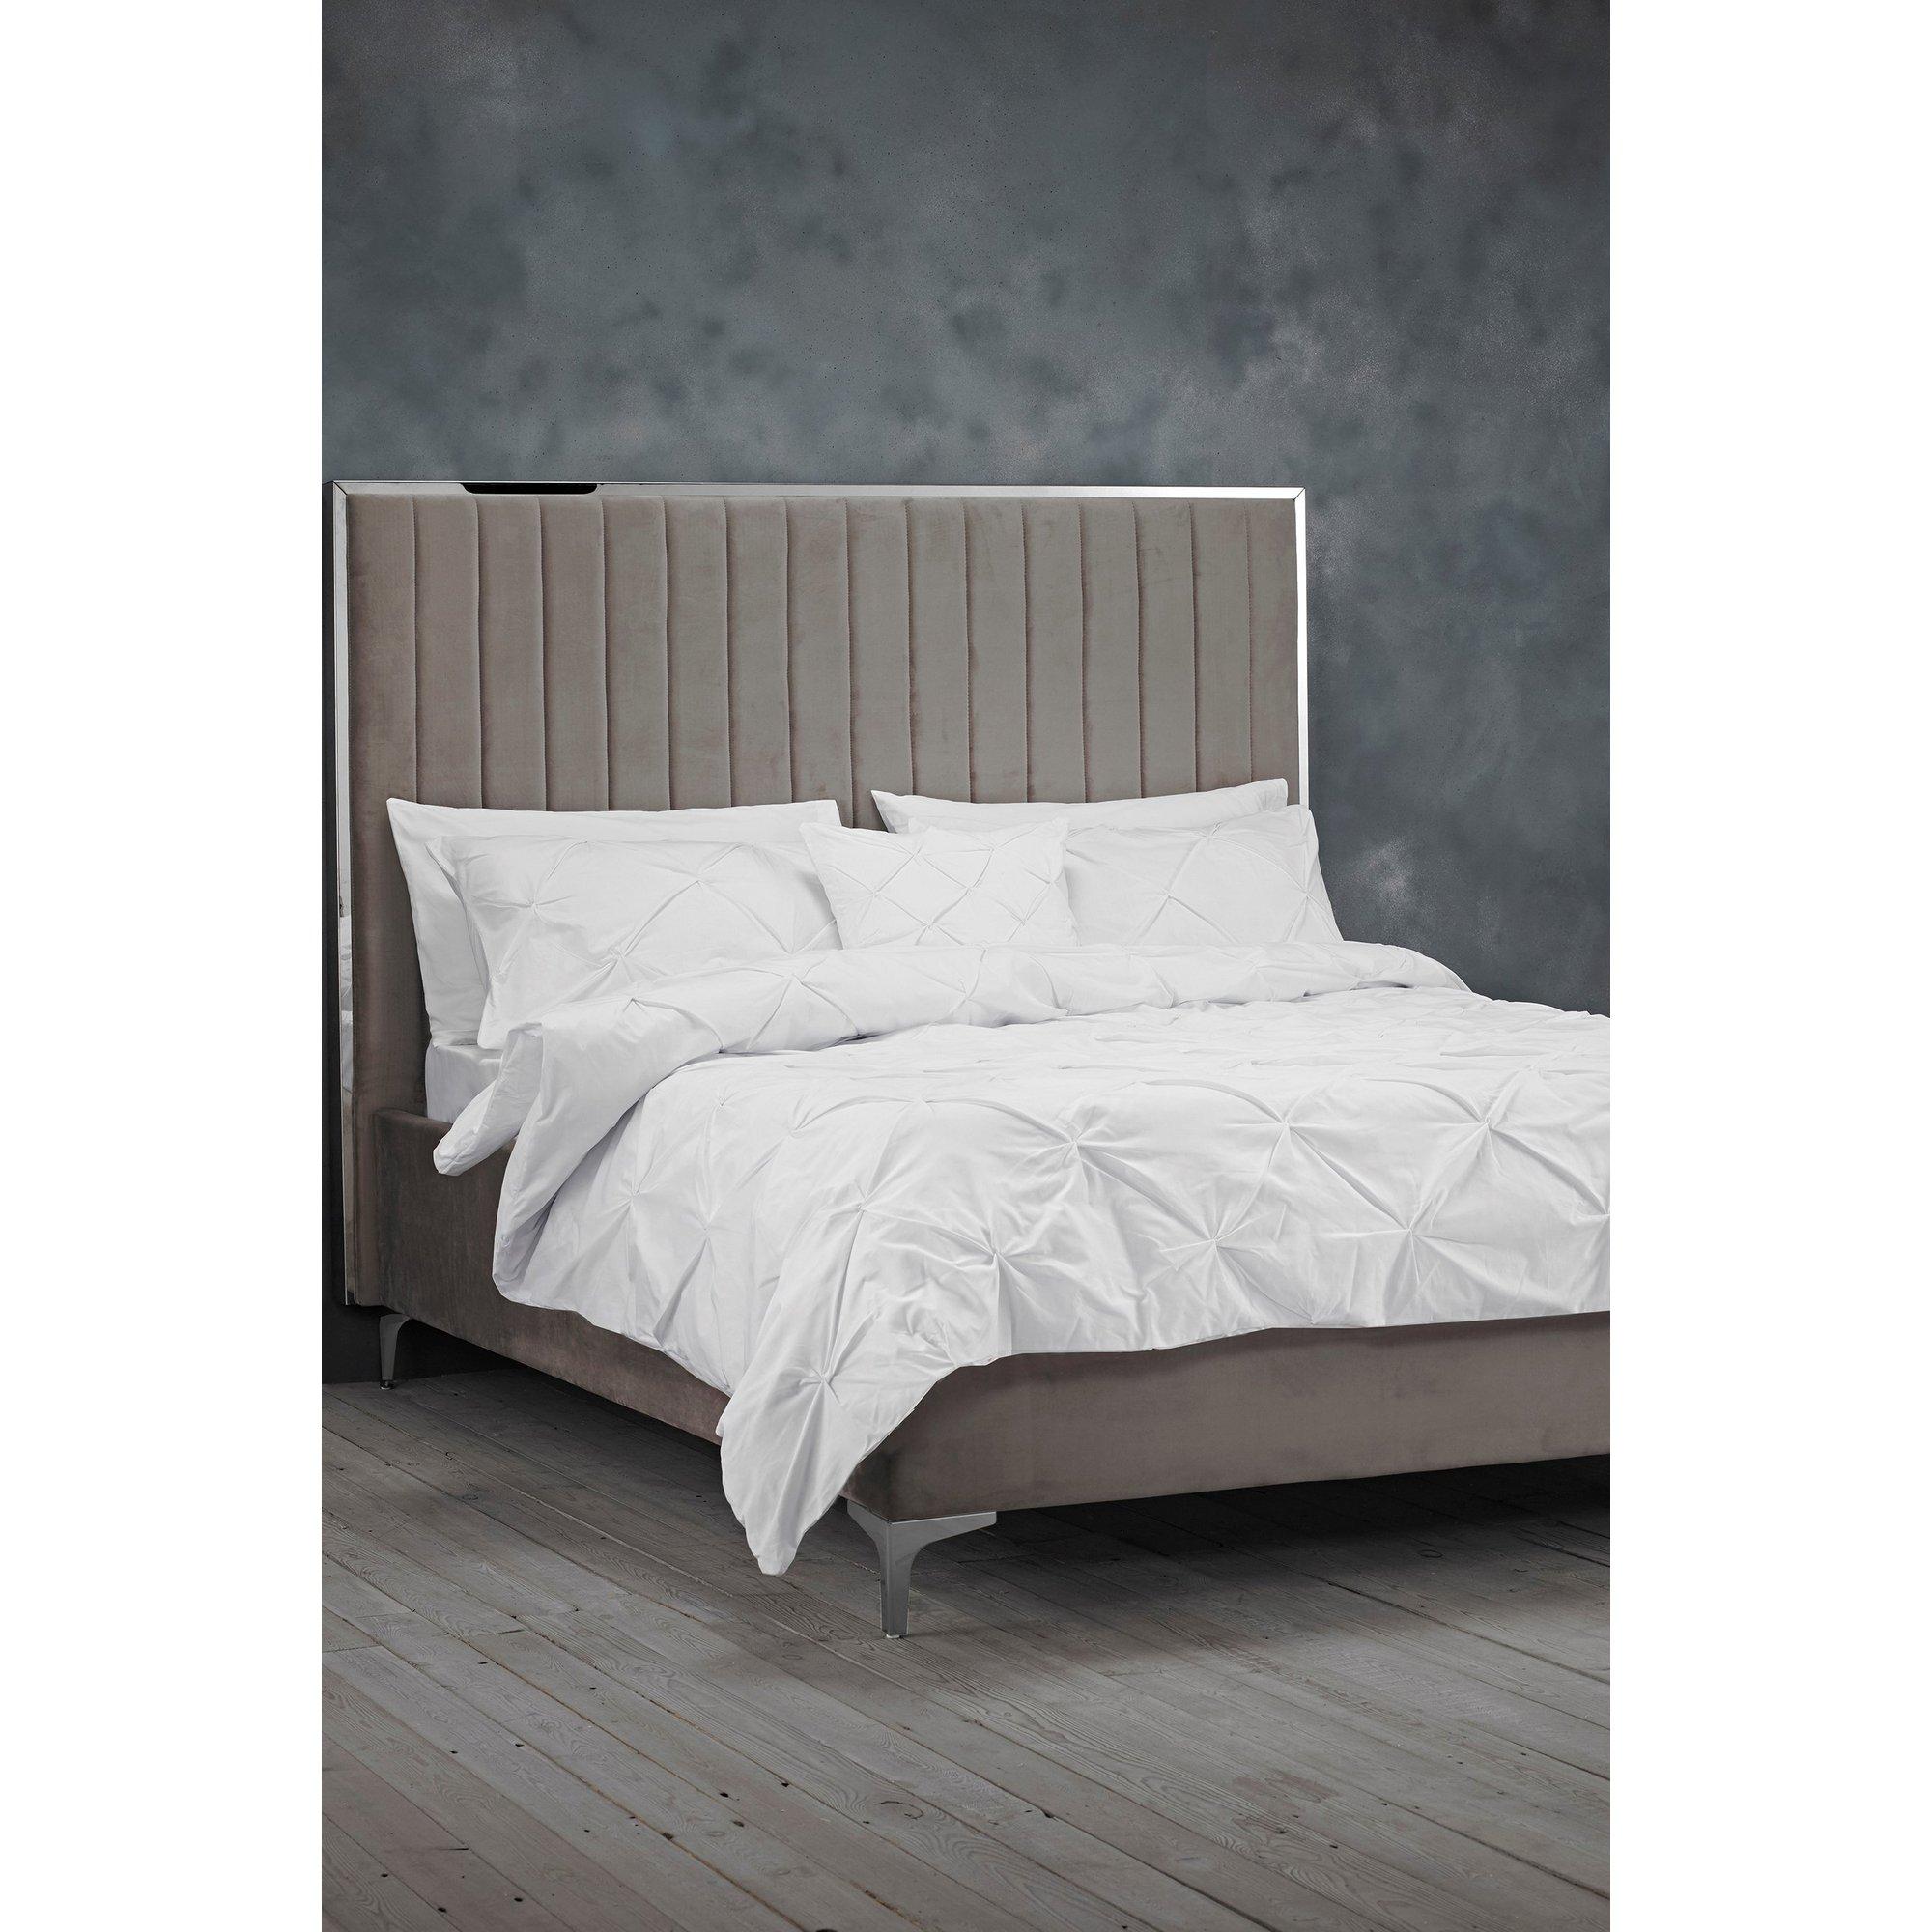 Image of Berkley Bed